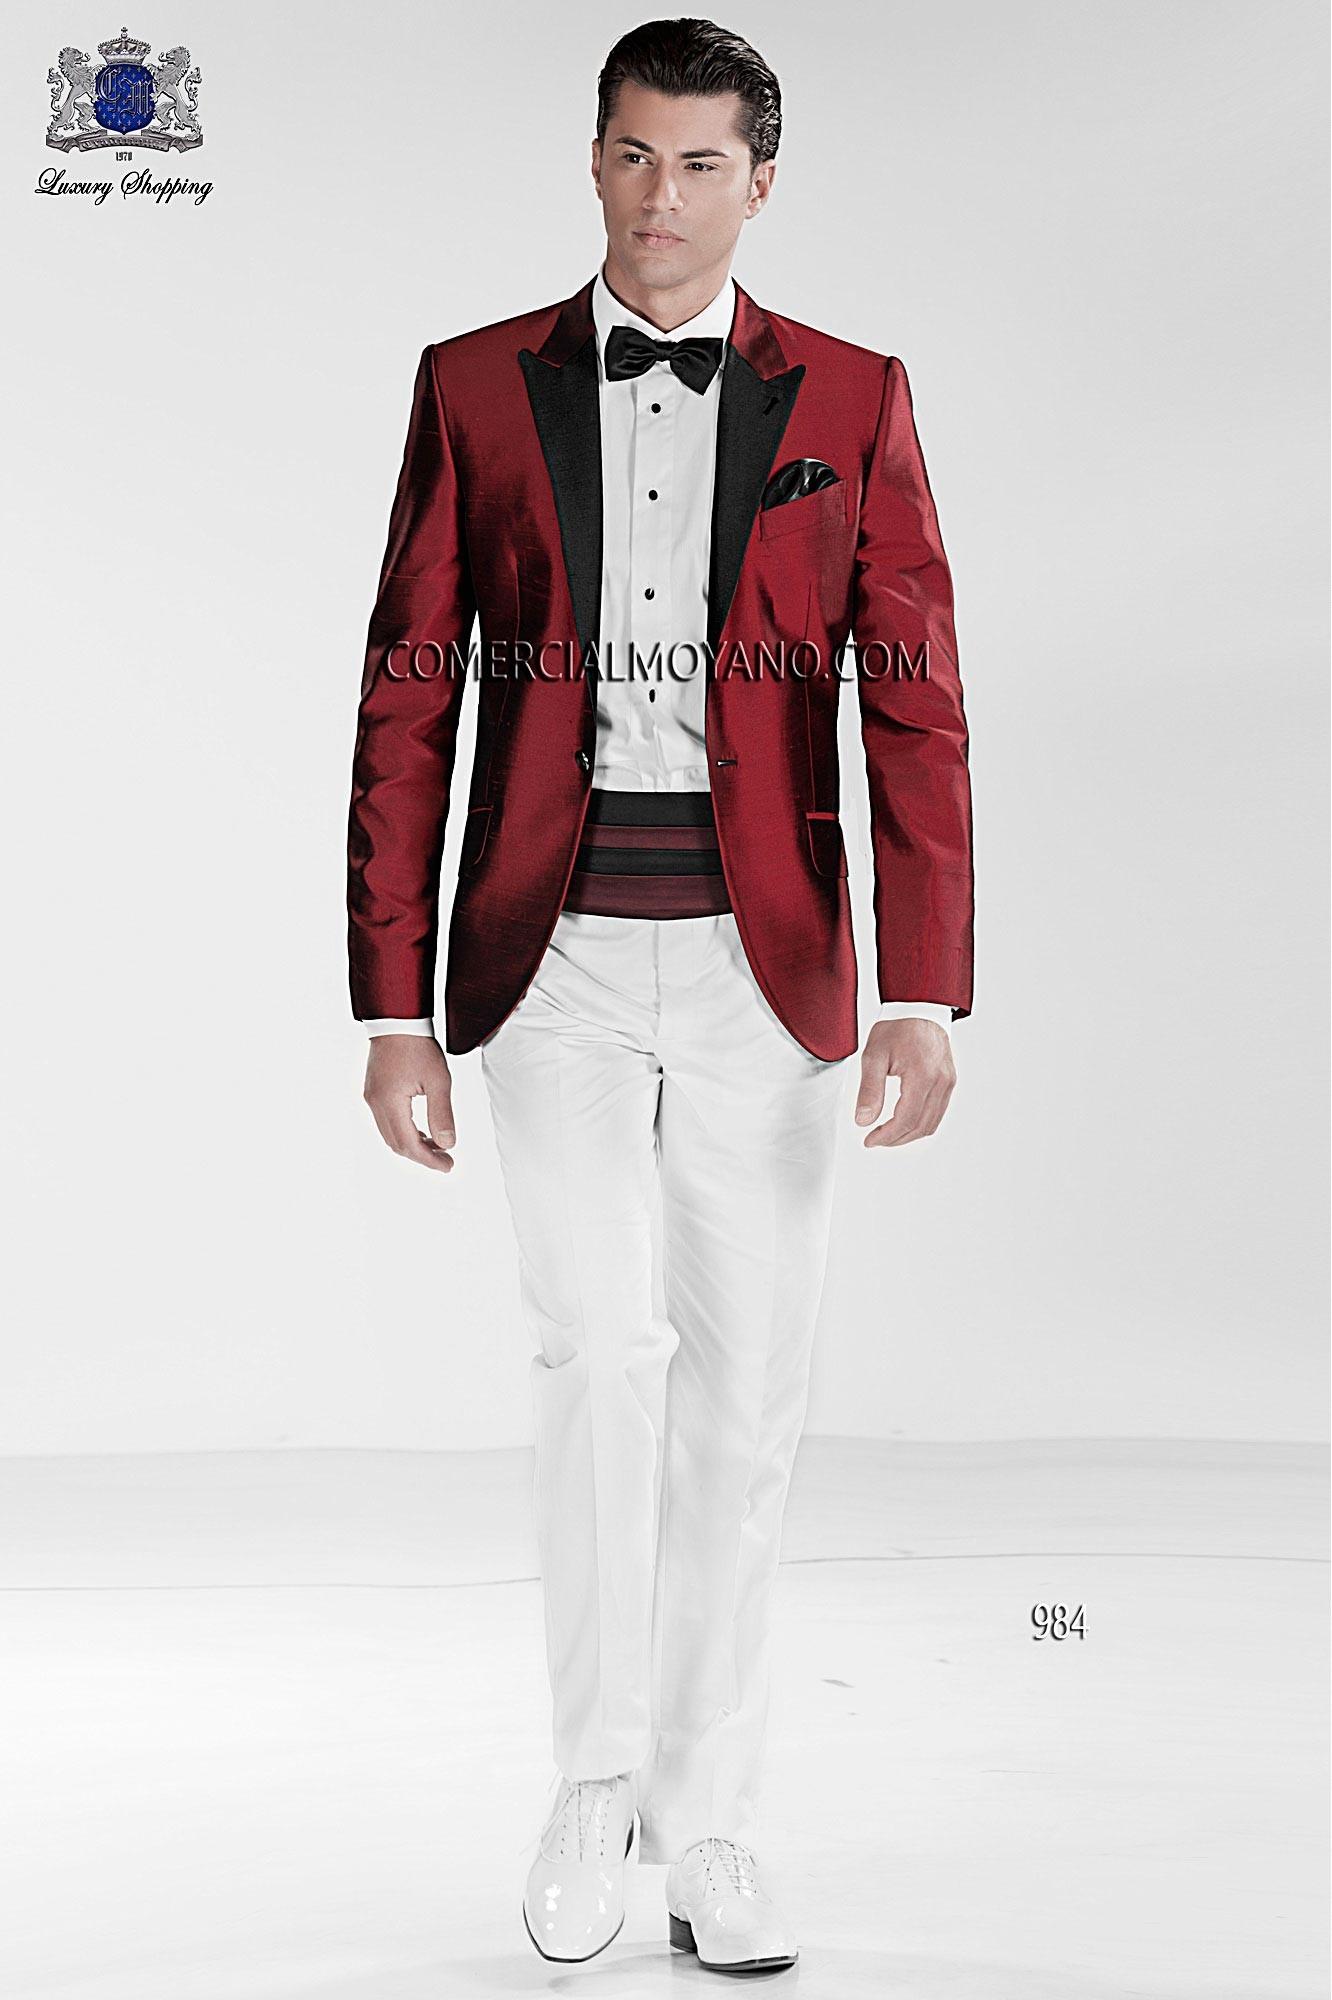 Traje de fiesta hombre rojo modelo: 984 Ottavio Nuccio Gala colección Black Tie